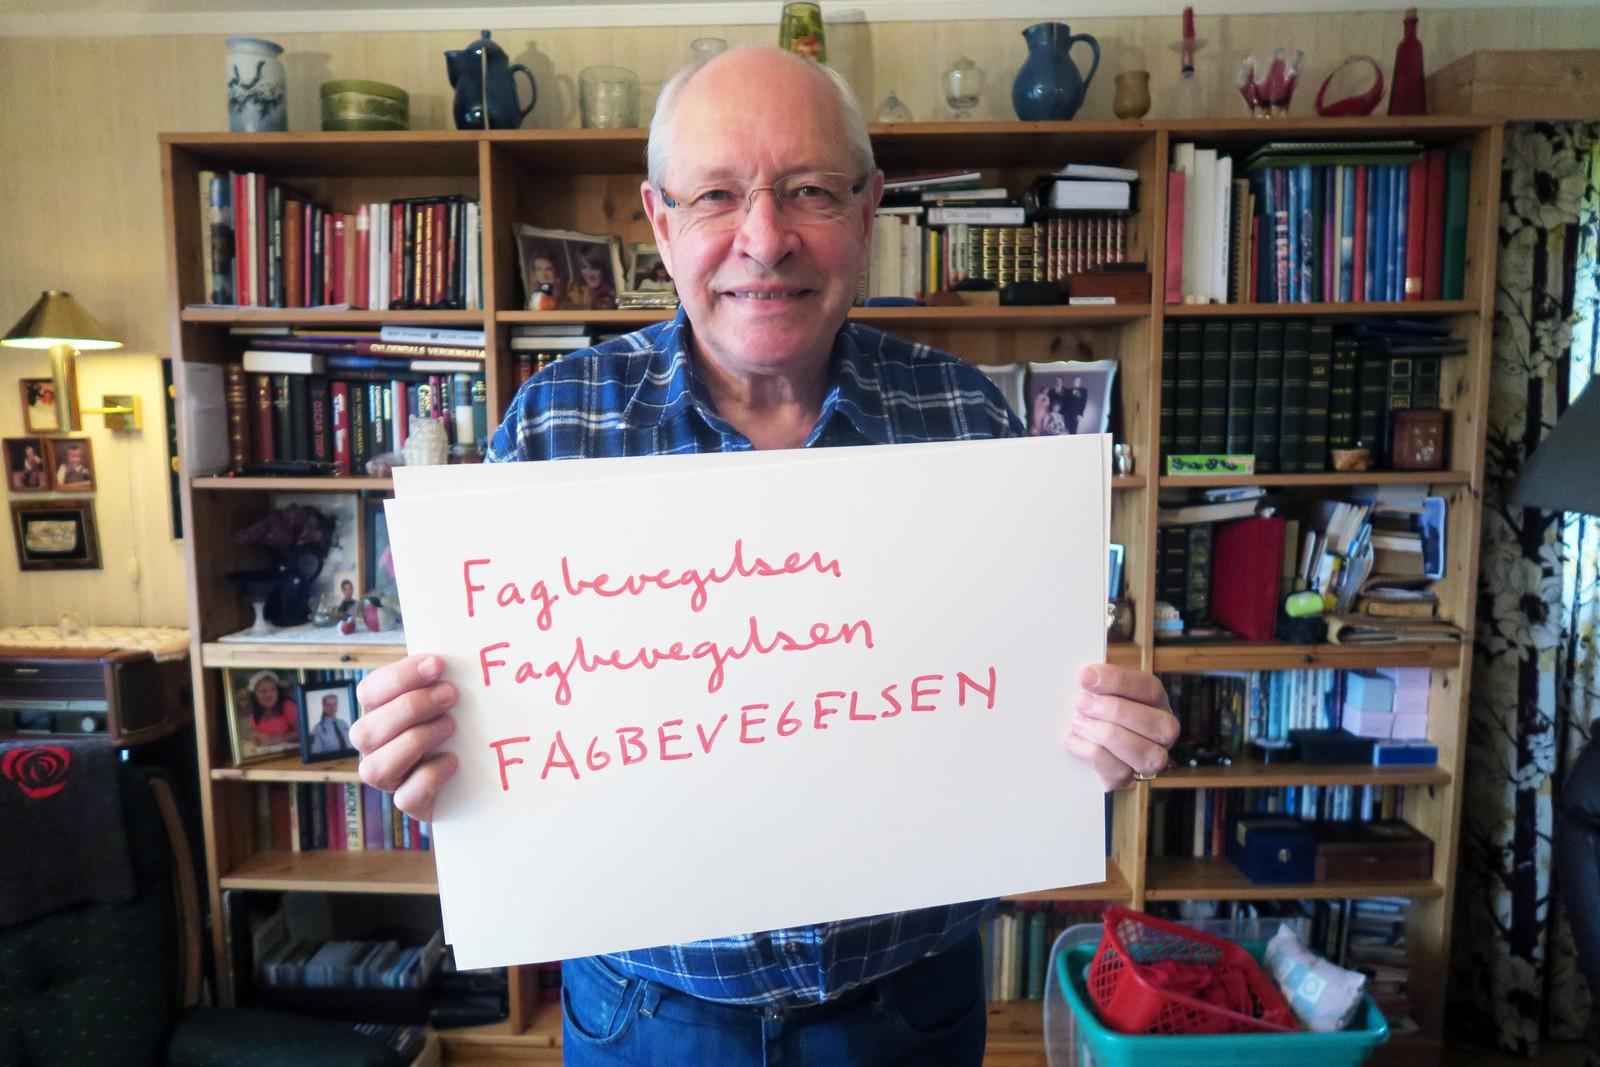 MARTIN KOLBERG (Ap): «Fagbevegelsen, fagbevegelsen, fagbevegelsen».